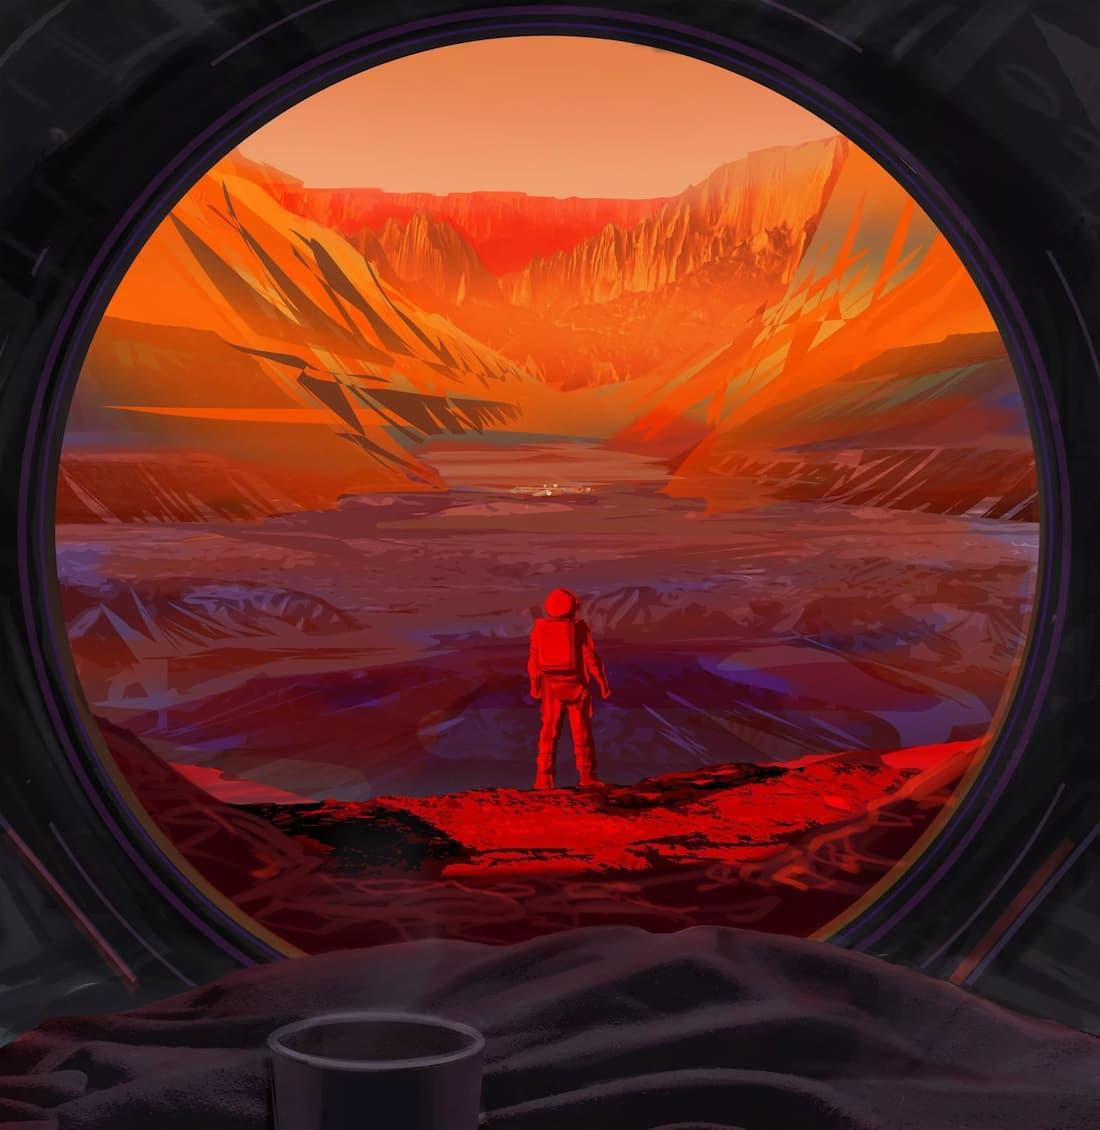 חדר בריחה במאדים